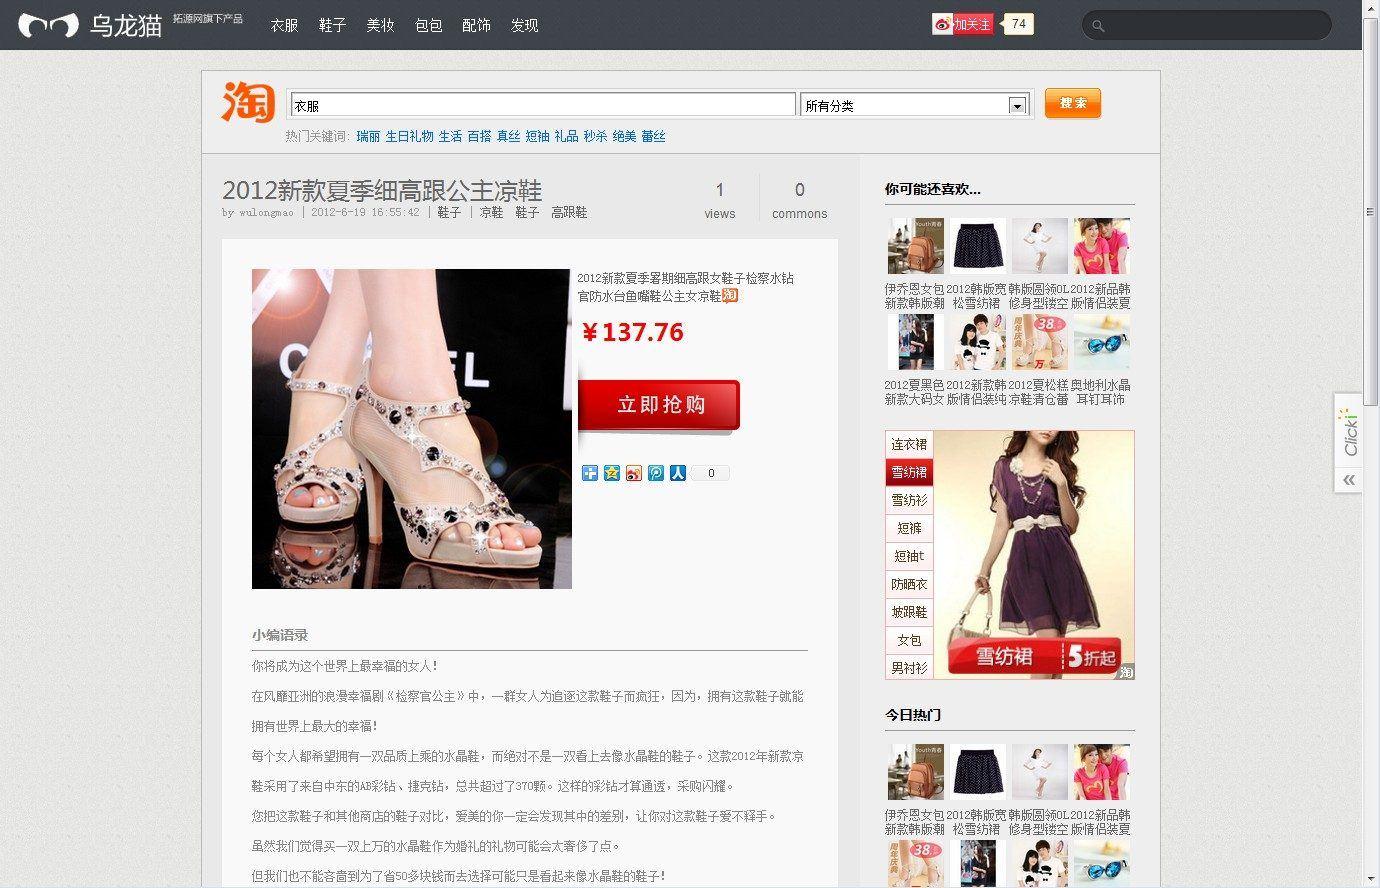 拓源网旗下网站乌龙猫-时尚女性的购物指南